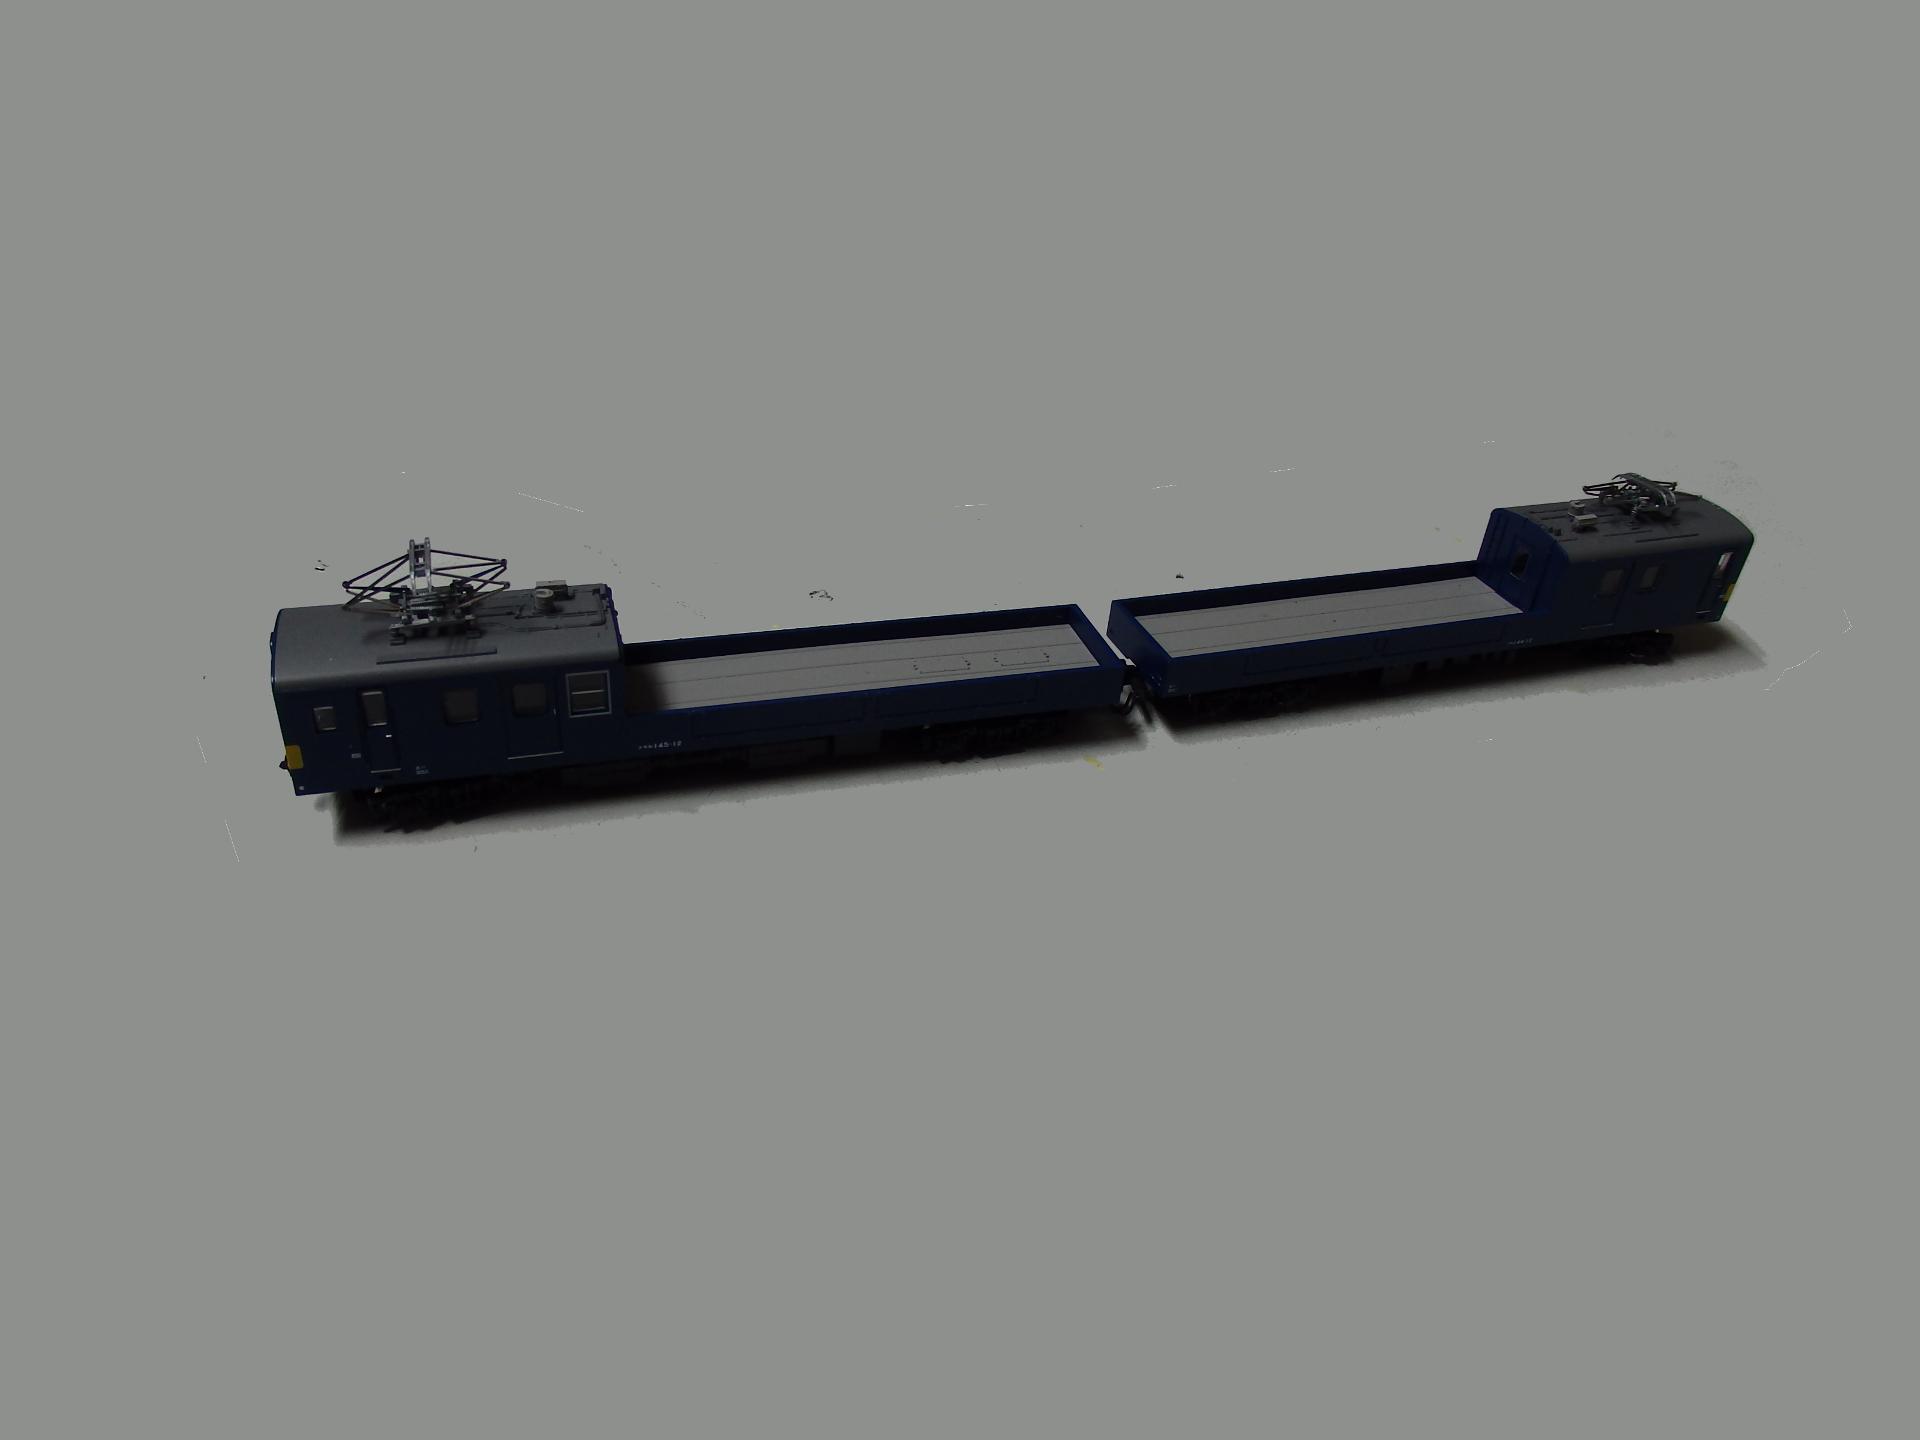 鉄道コレクション第20弾のクモル145とクル144をN化しました。